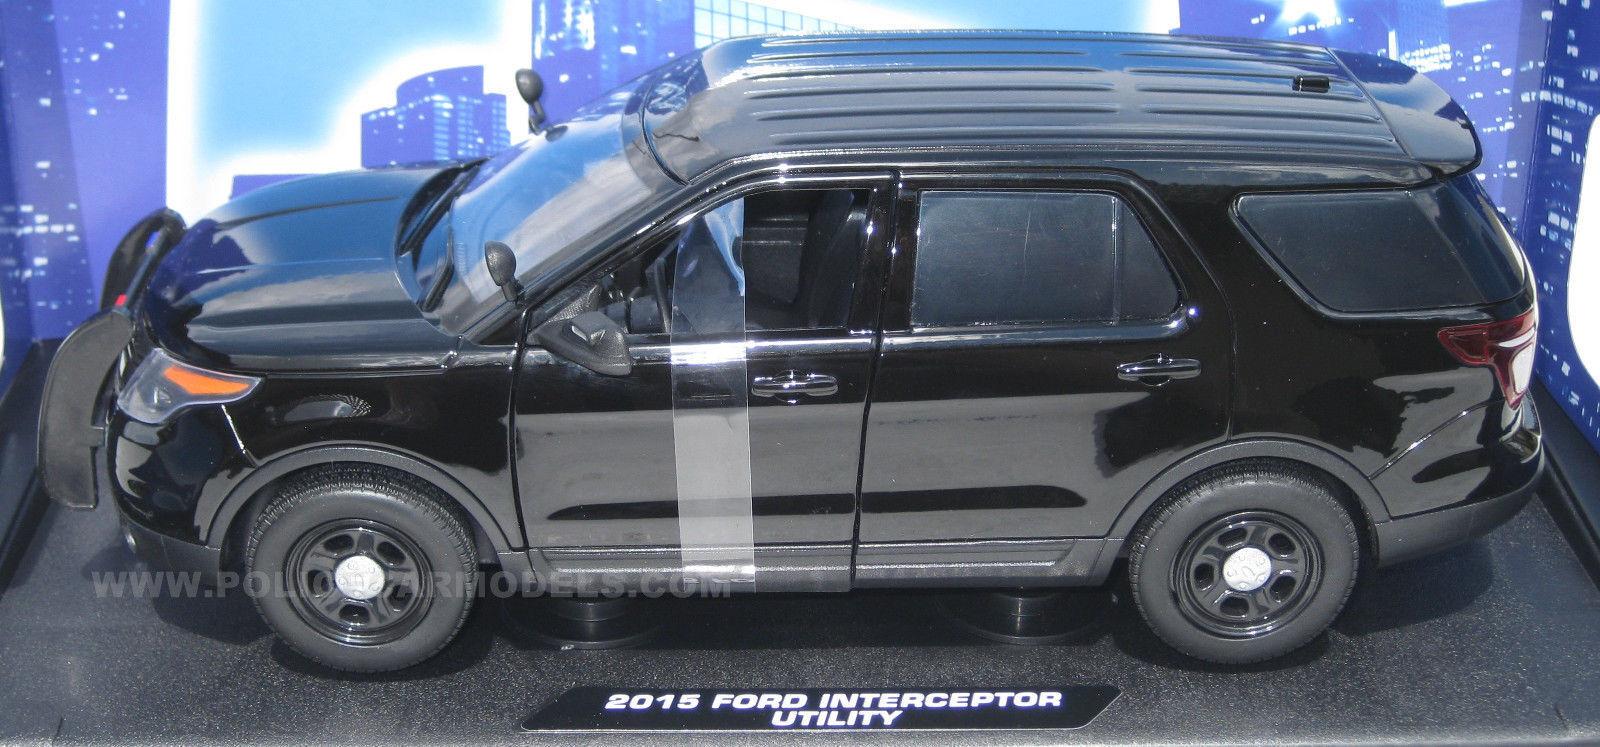 Motormax 1 18 Ford Pi utilidad policía Sport Utility Vehicle nero slicktop caso de cuatro